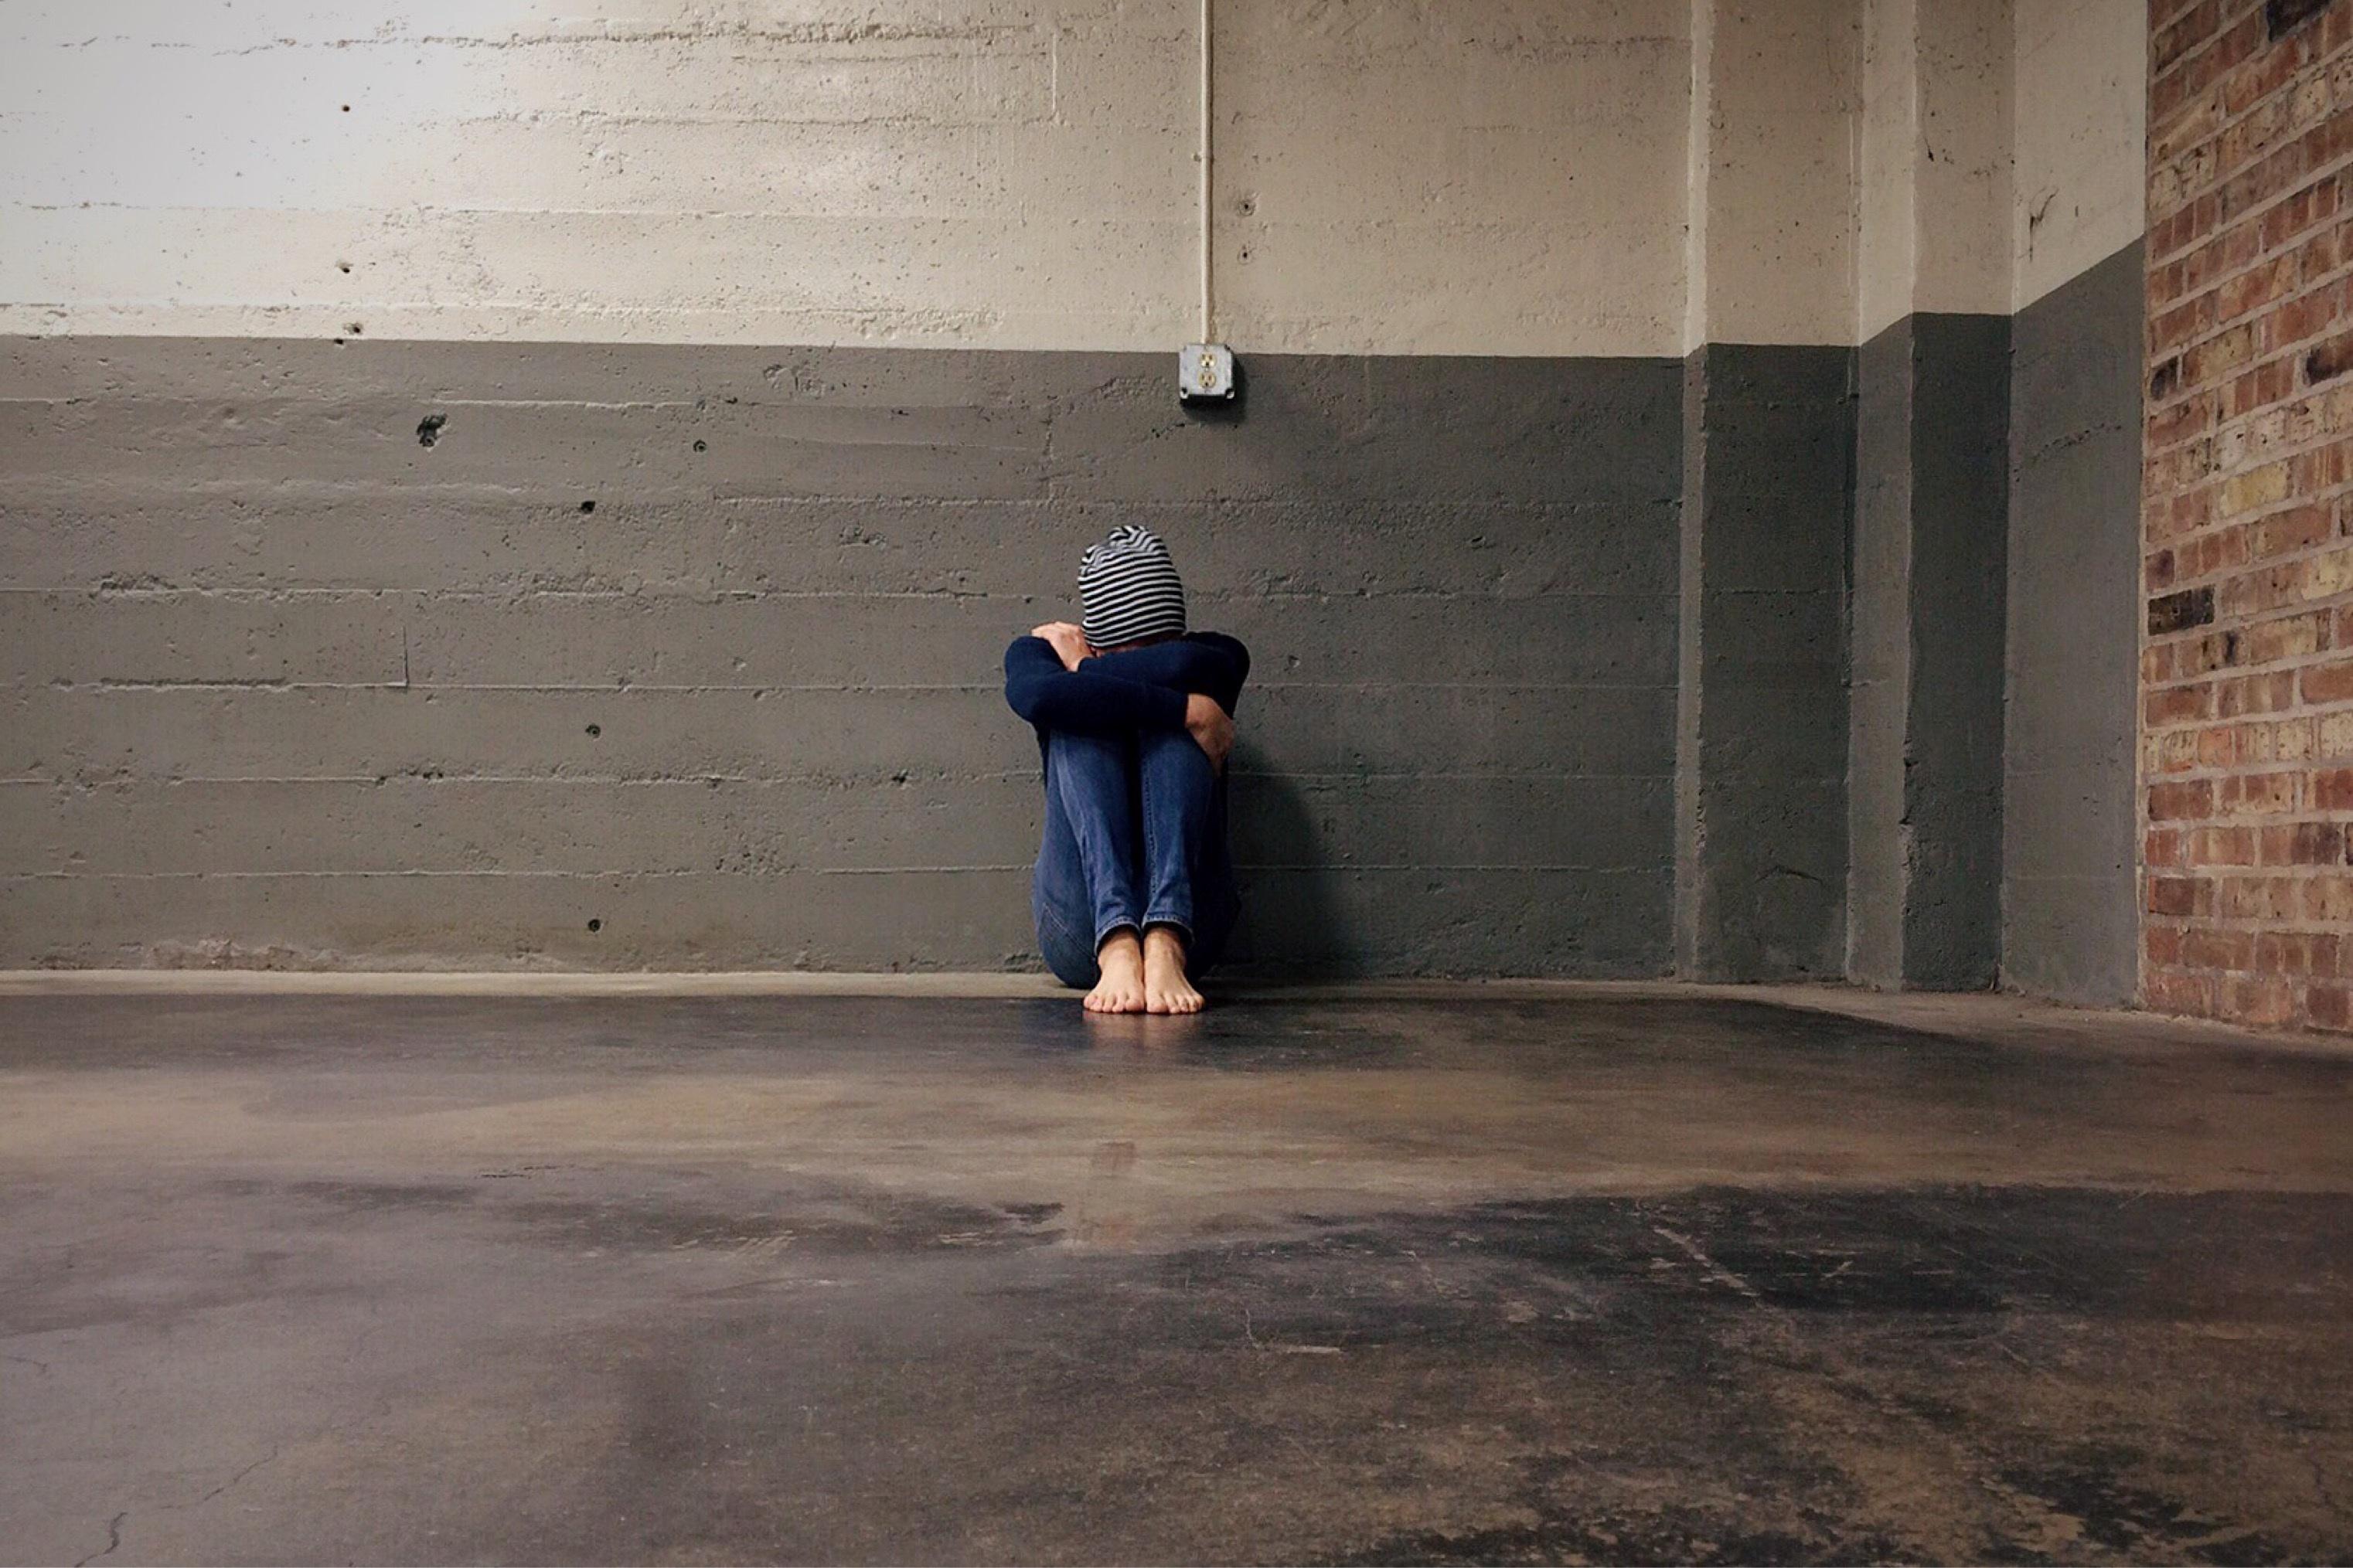 Polacy łykają coraz więcej antydepresantów